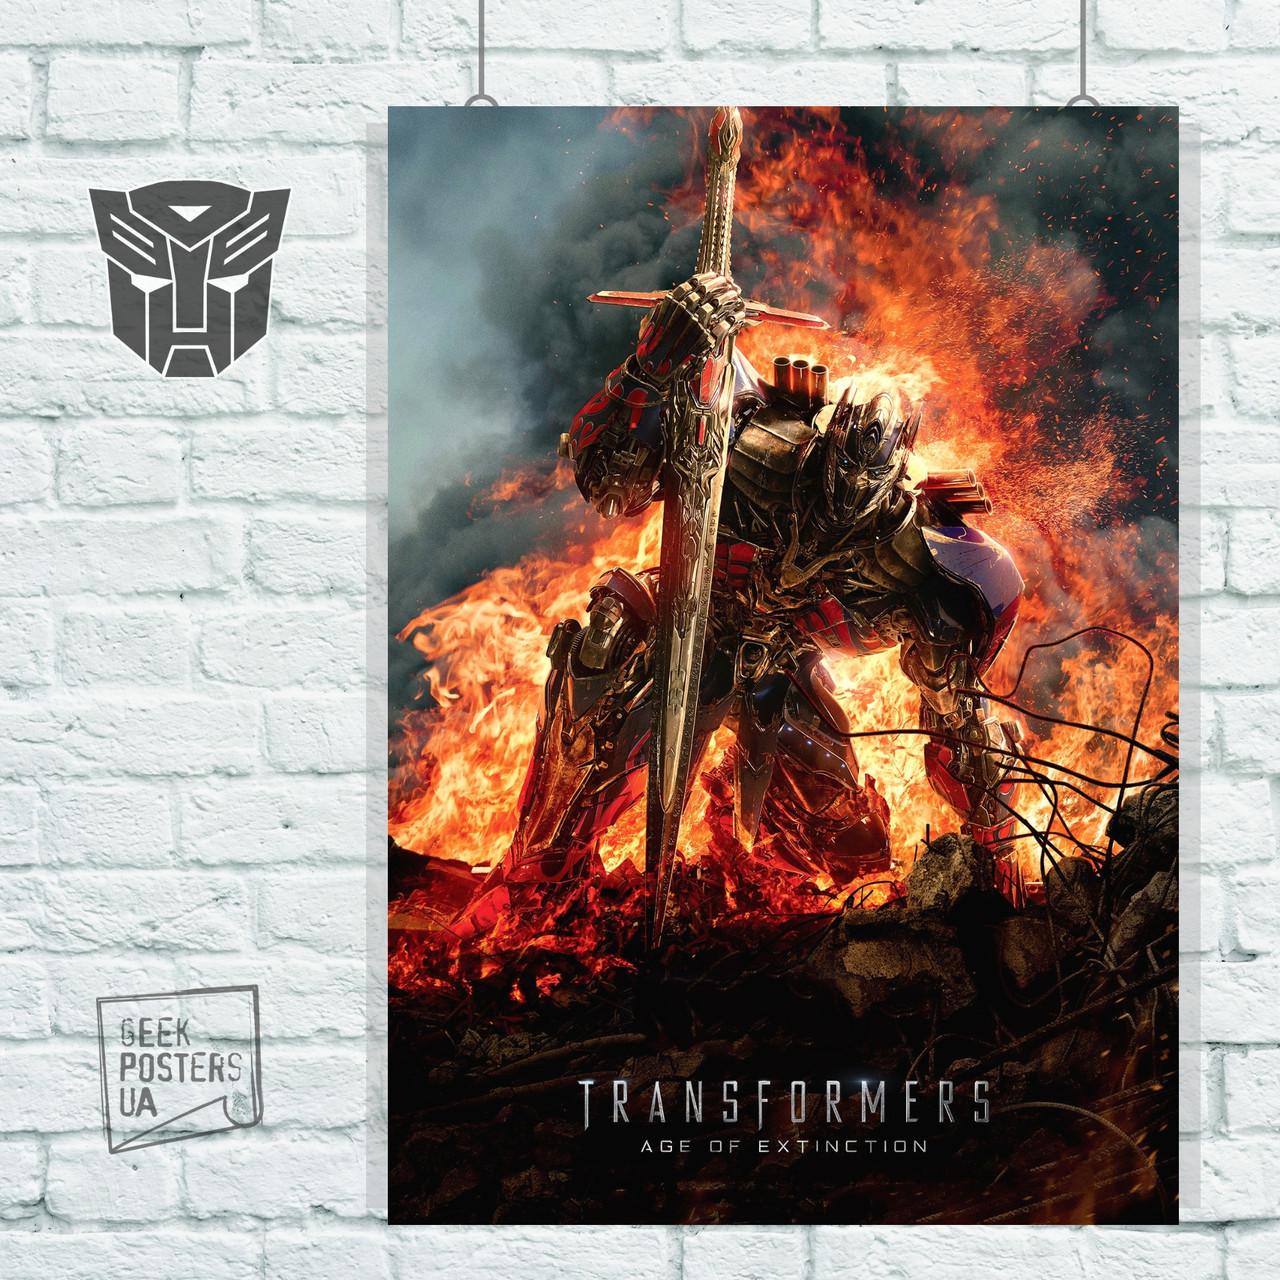 Постер Трансформеры 4: Эпоха истребления (2014). Размер 60x42см (A2). Глянцевая бумага